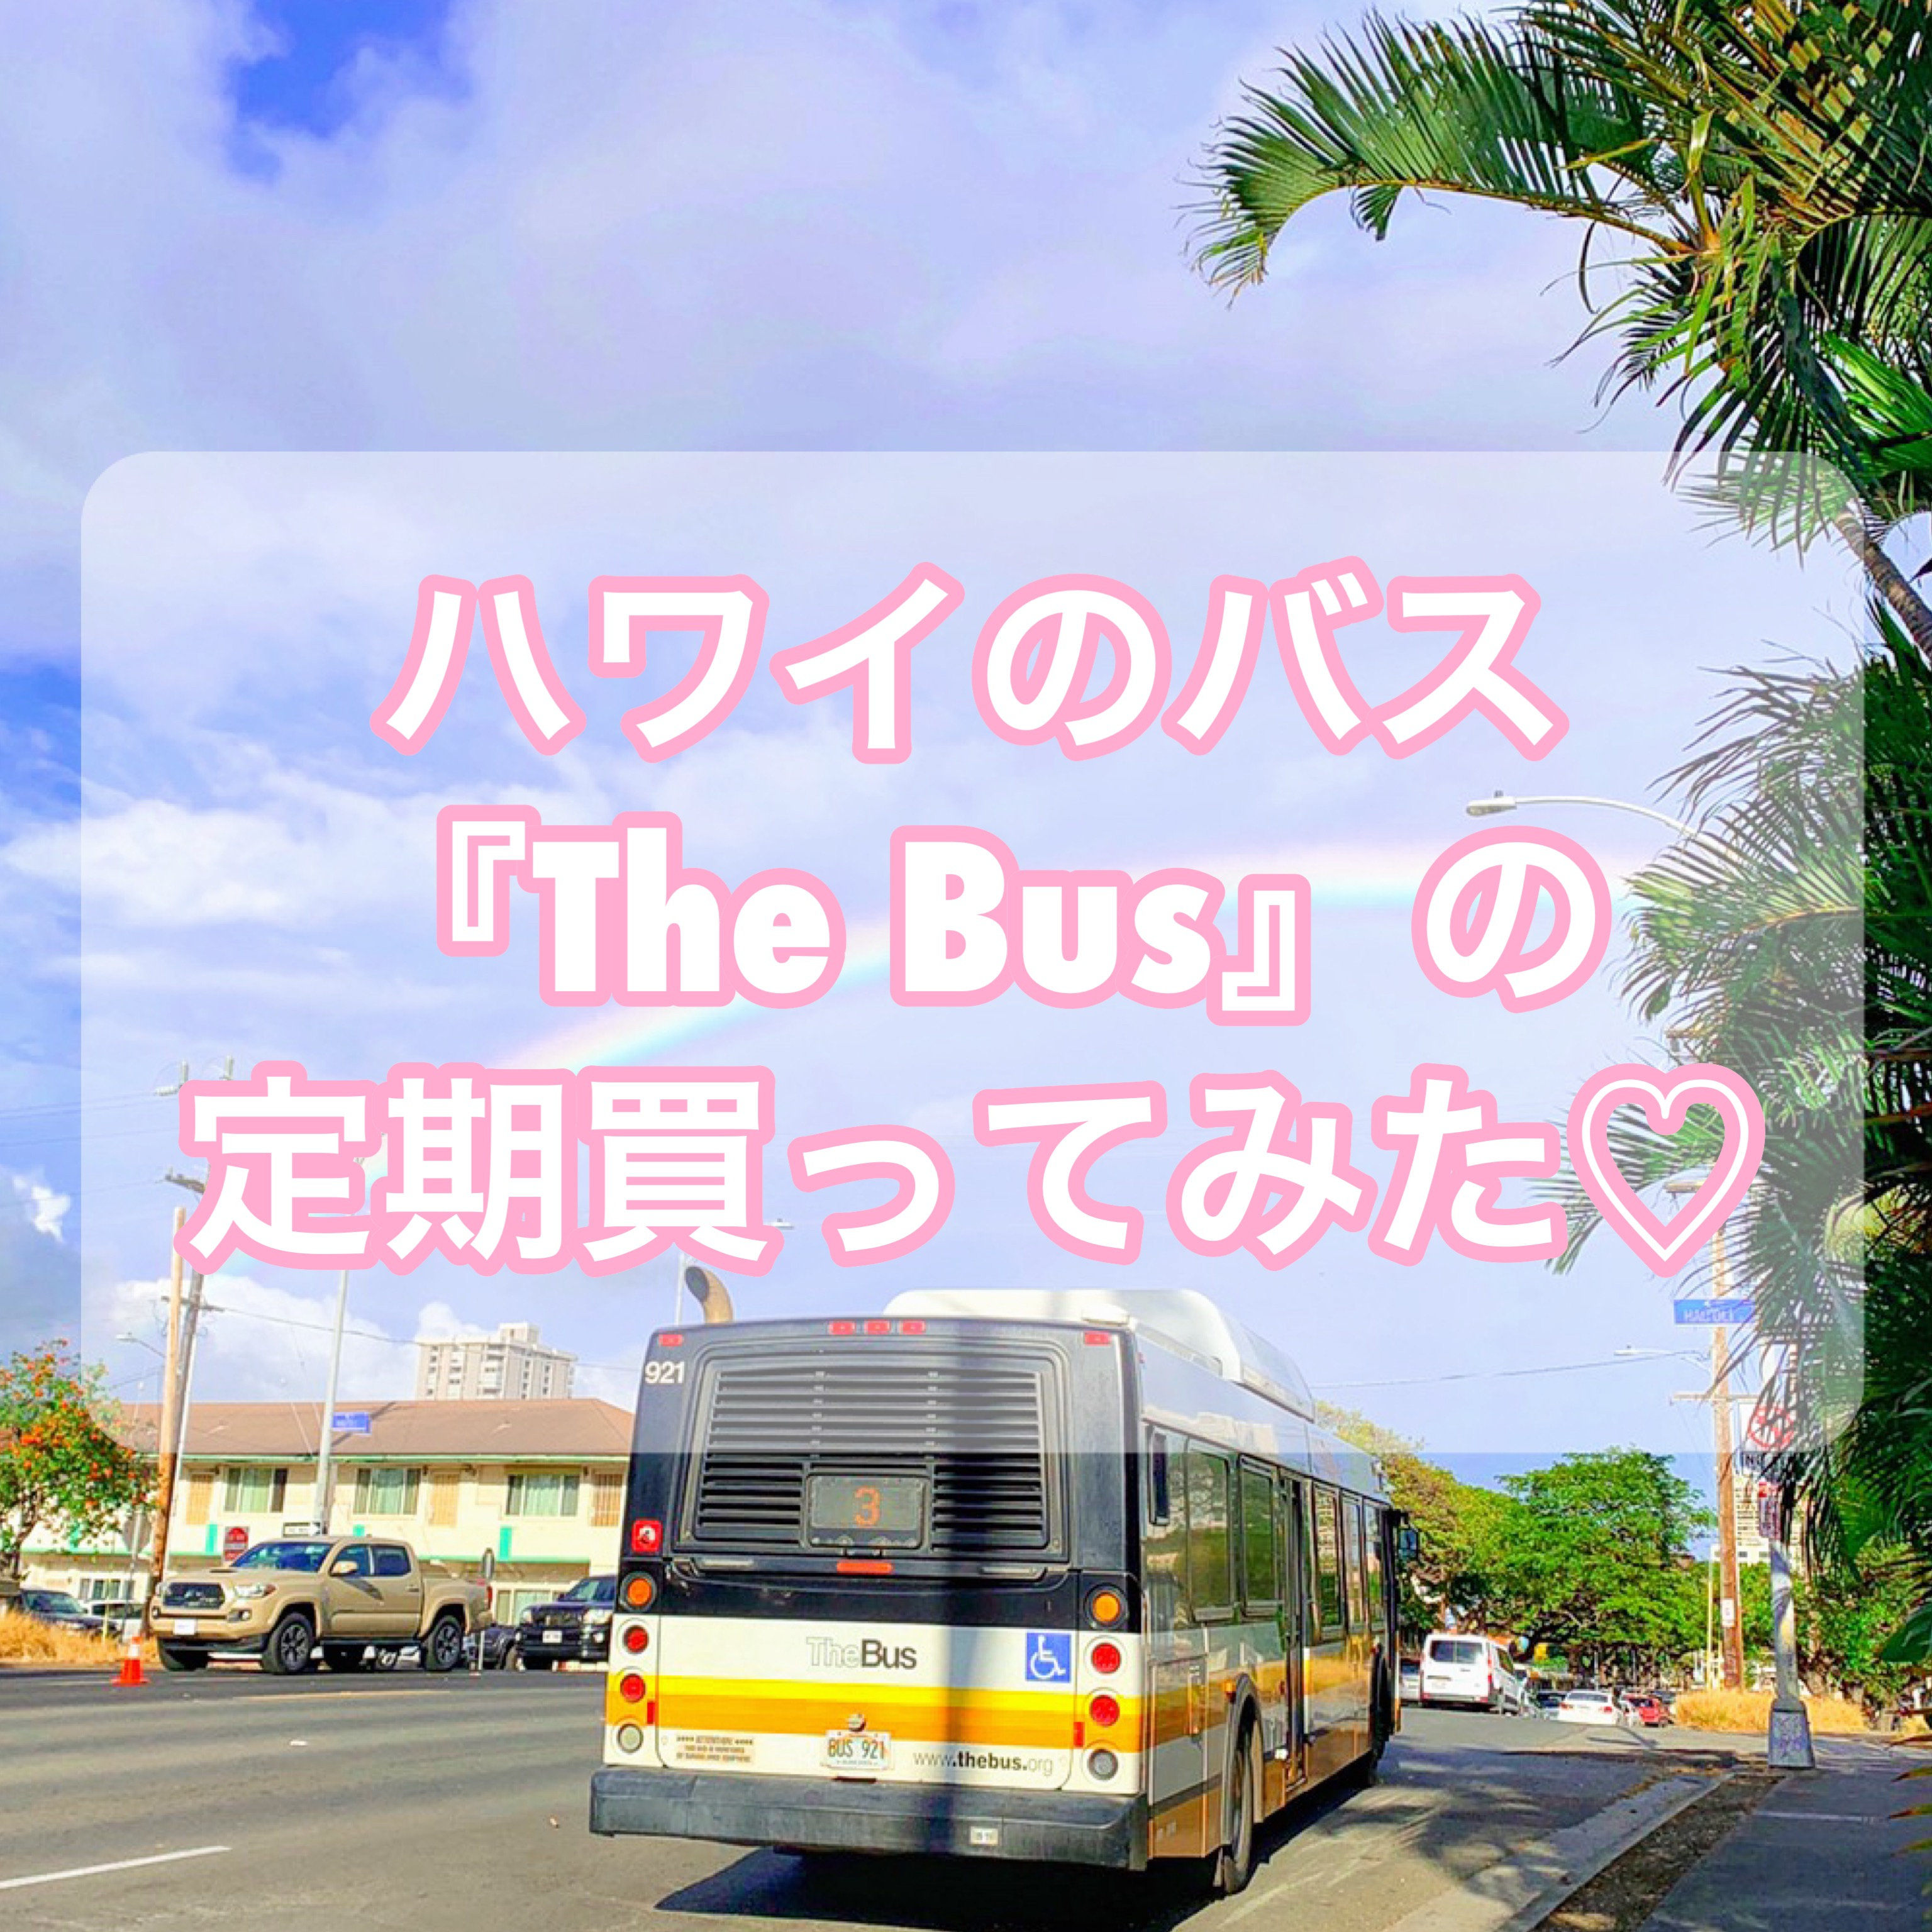 【ハワイのバス】「The Bus(ザ・バス)」の料金・定期について【移動に便利】